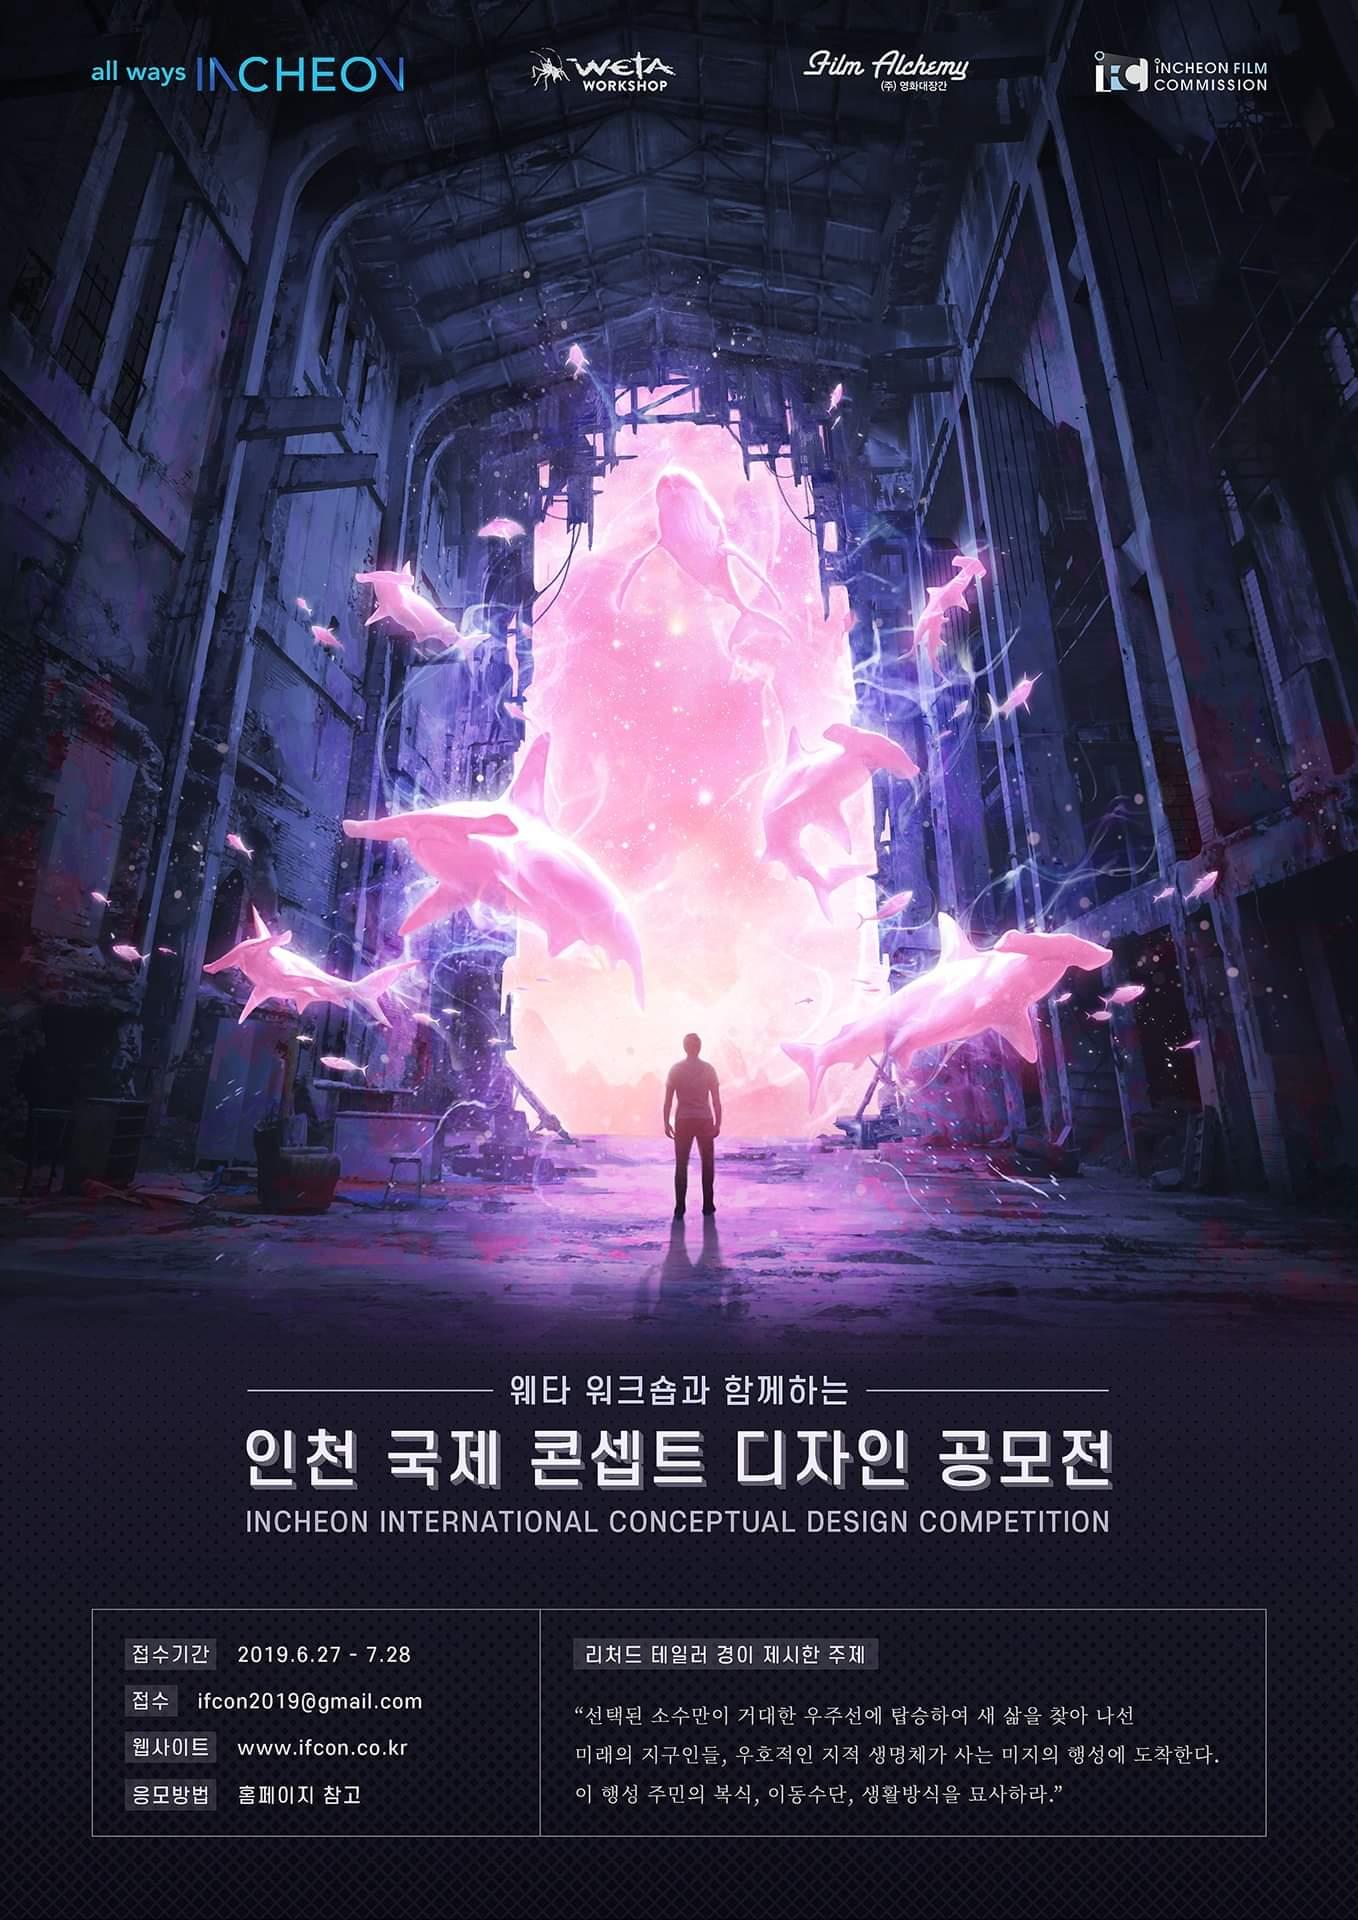 2019 인천 국제 콘셉트디자인 공모전